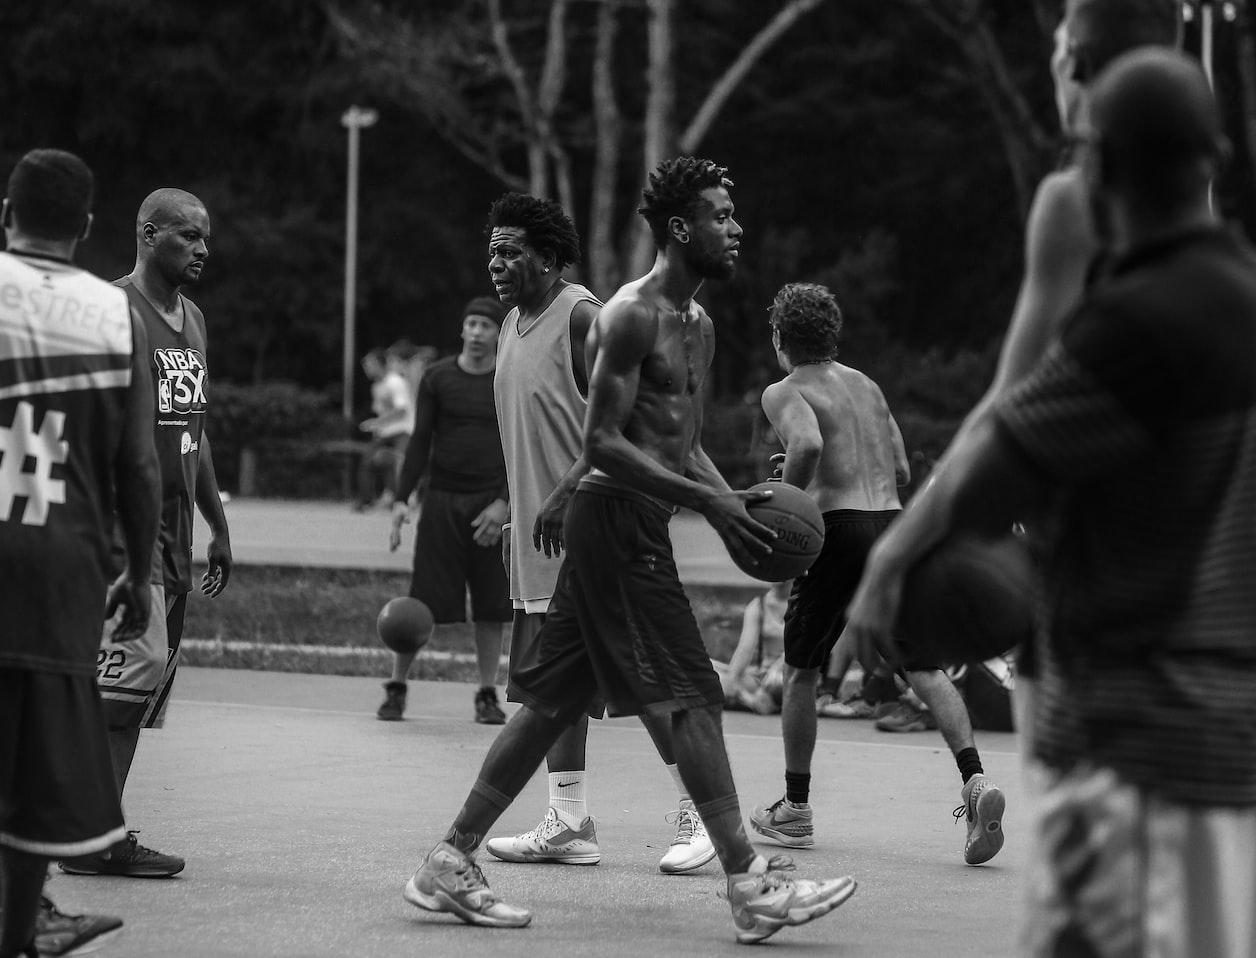 Urban life coaching 6: Meglio insieme